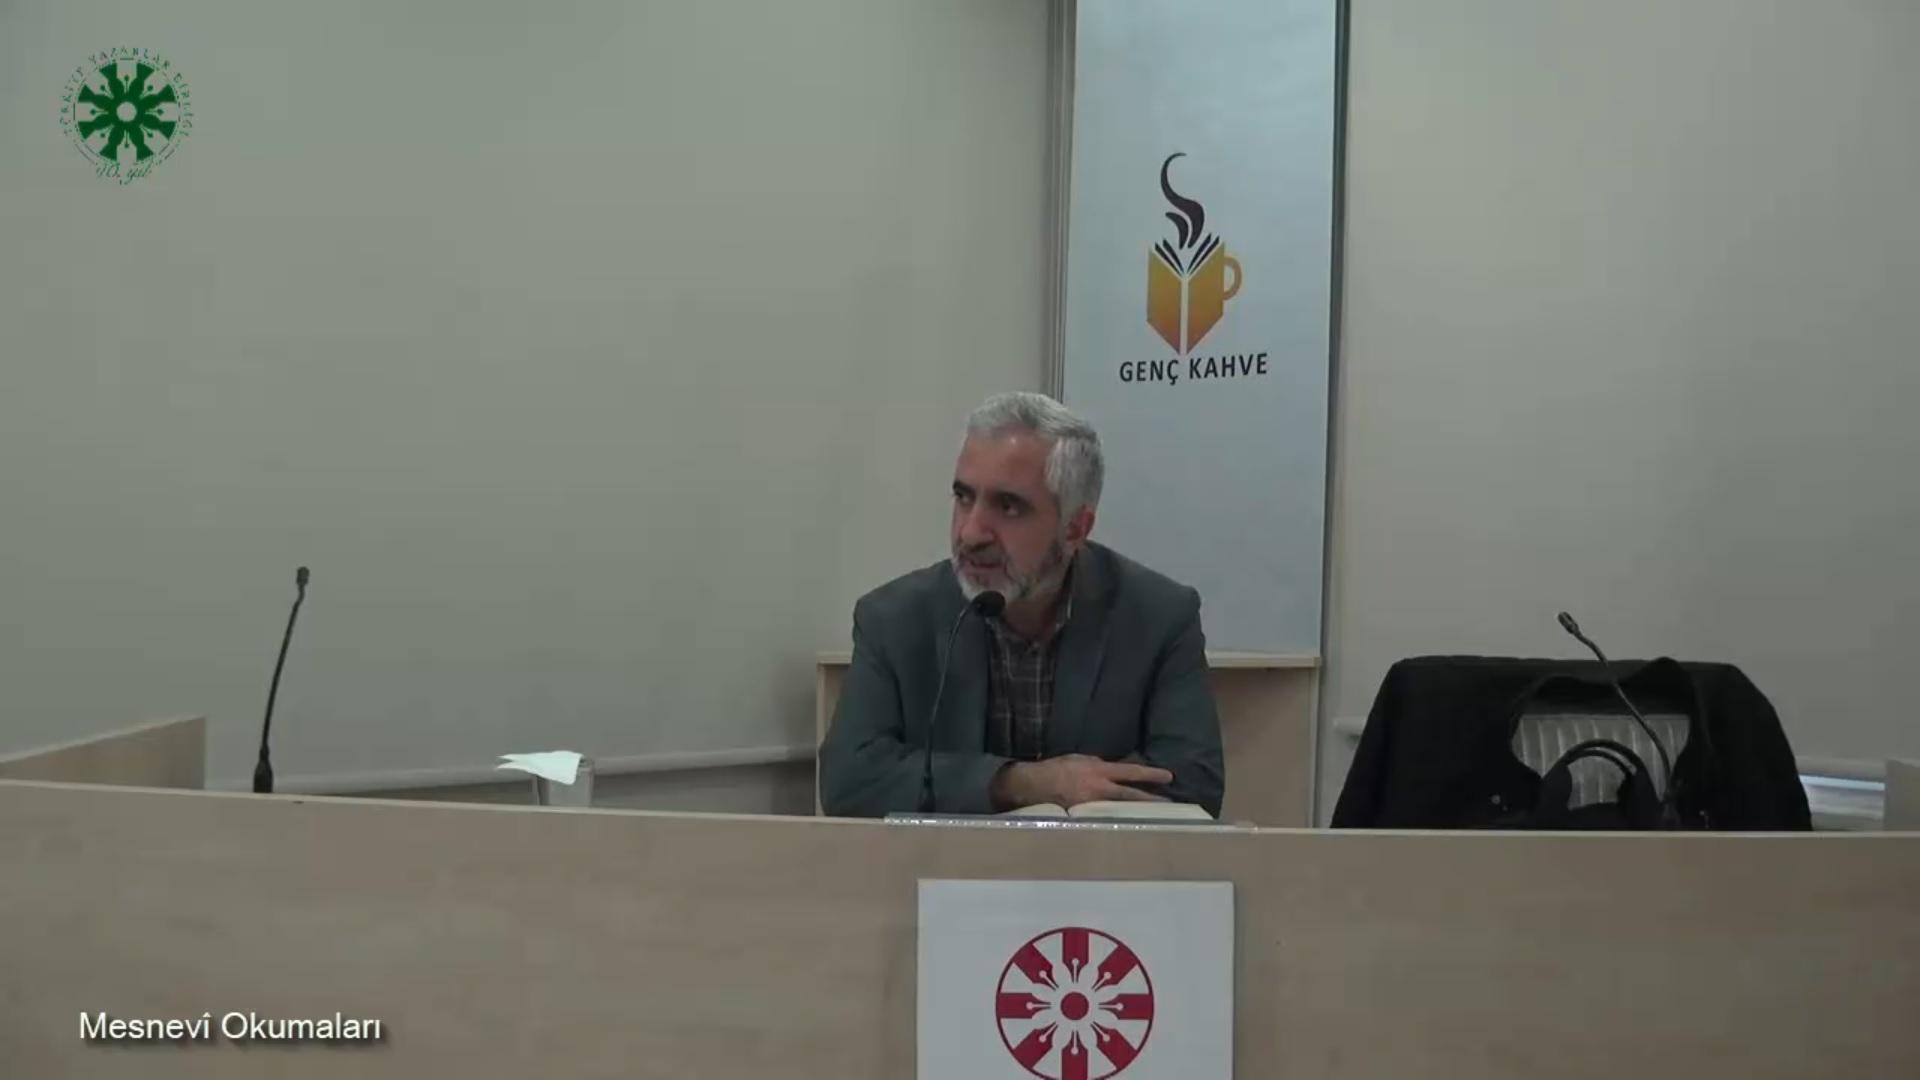 Mesnevî Okumaları - 22 - Prof. Dr. Zülfikar Güngör (video)